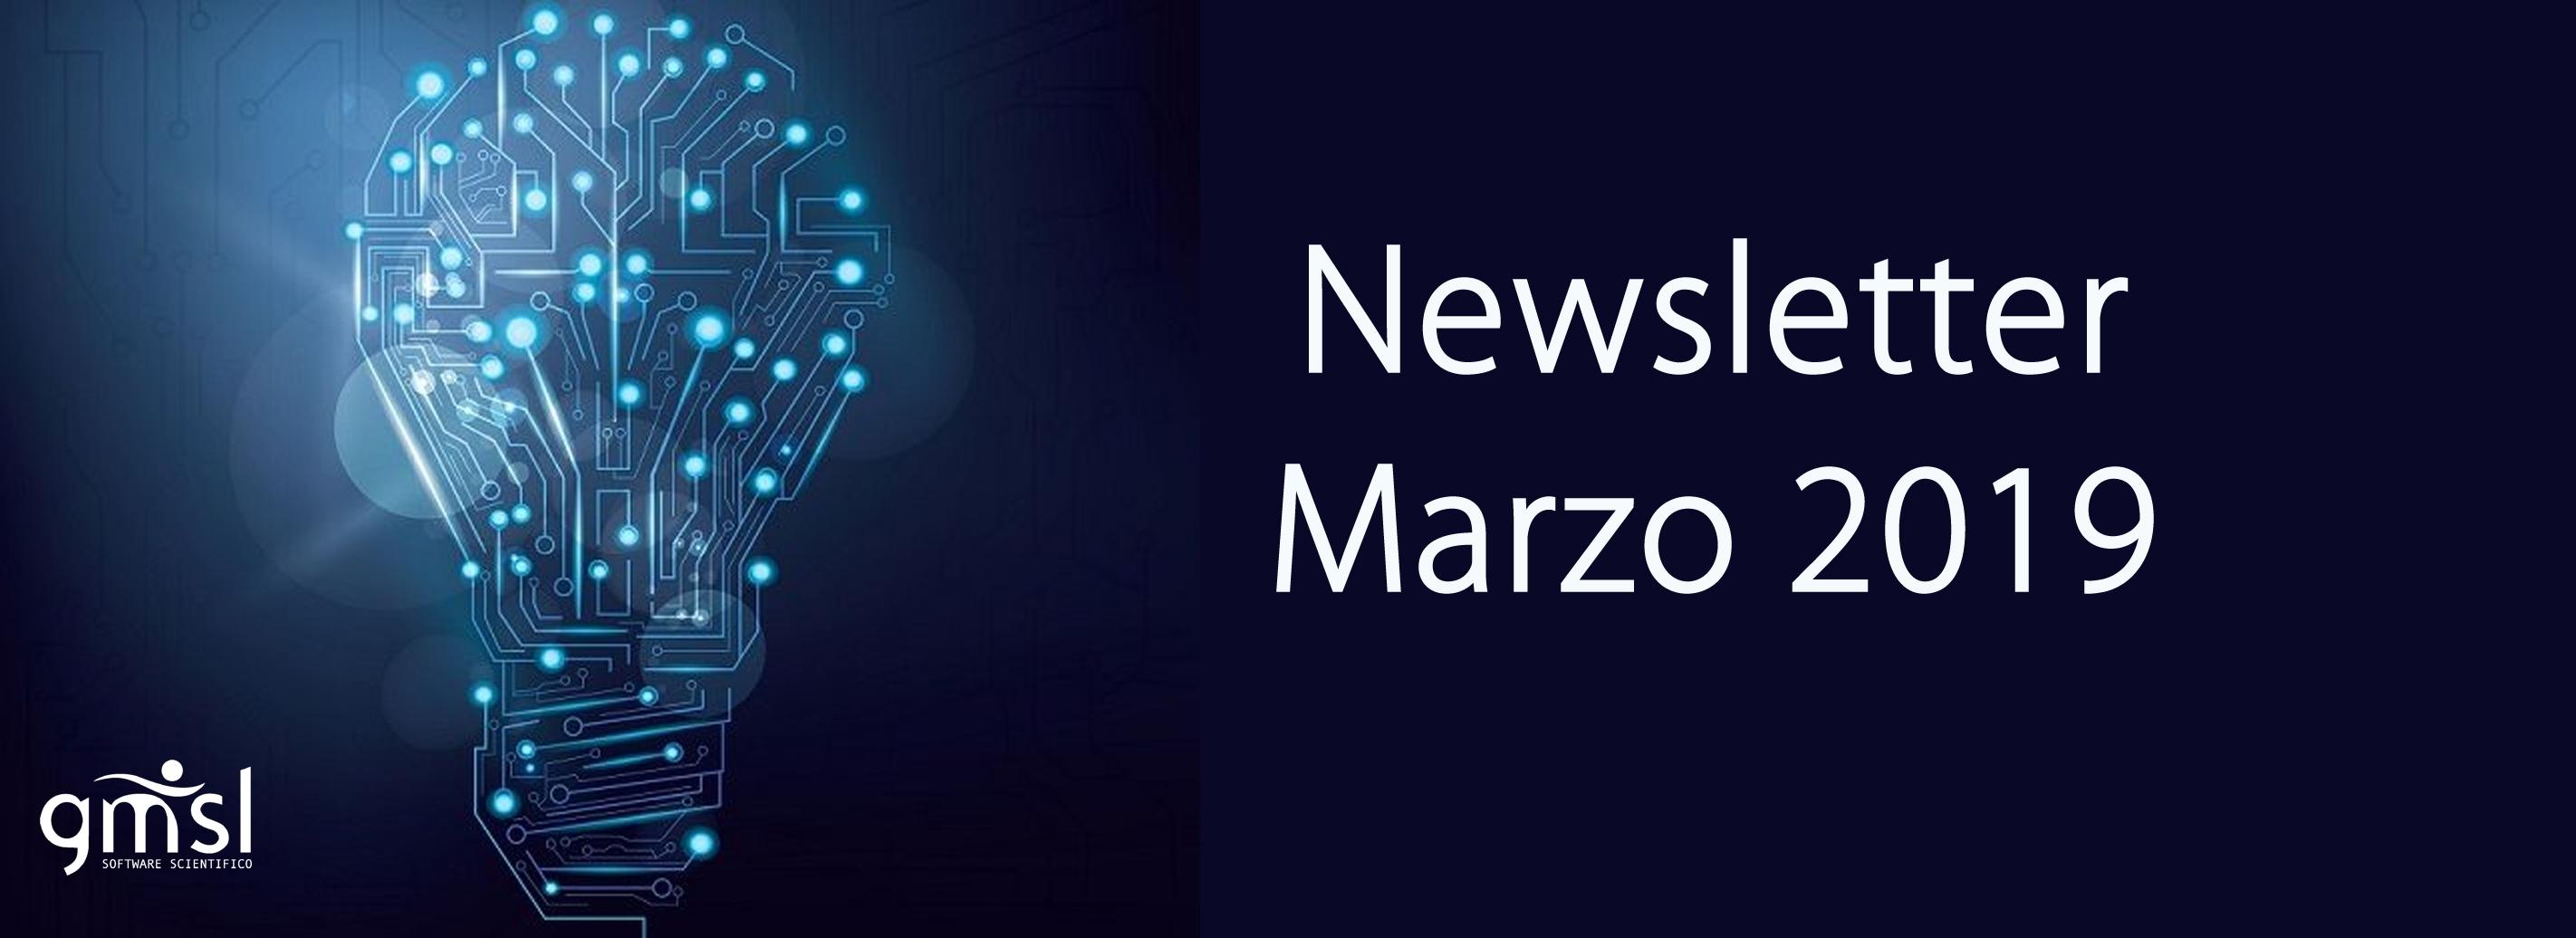 2019_Marzo InFormati con GMSL | Newsletter Marzo 2019 News